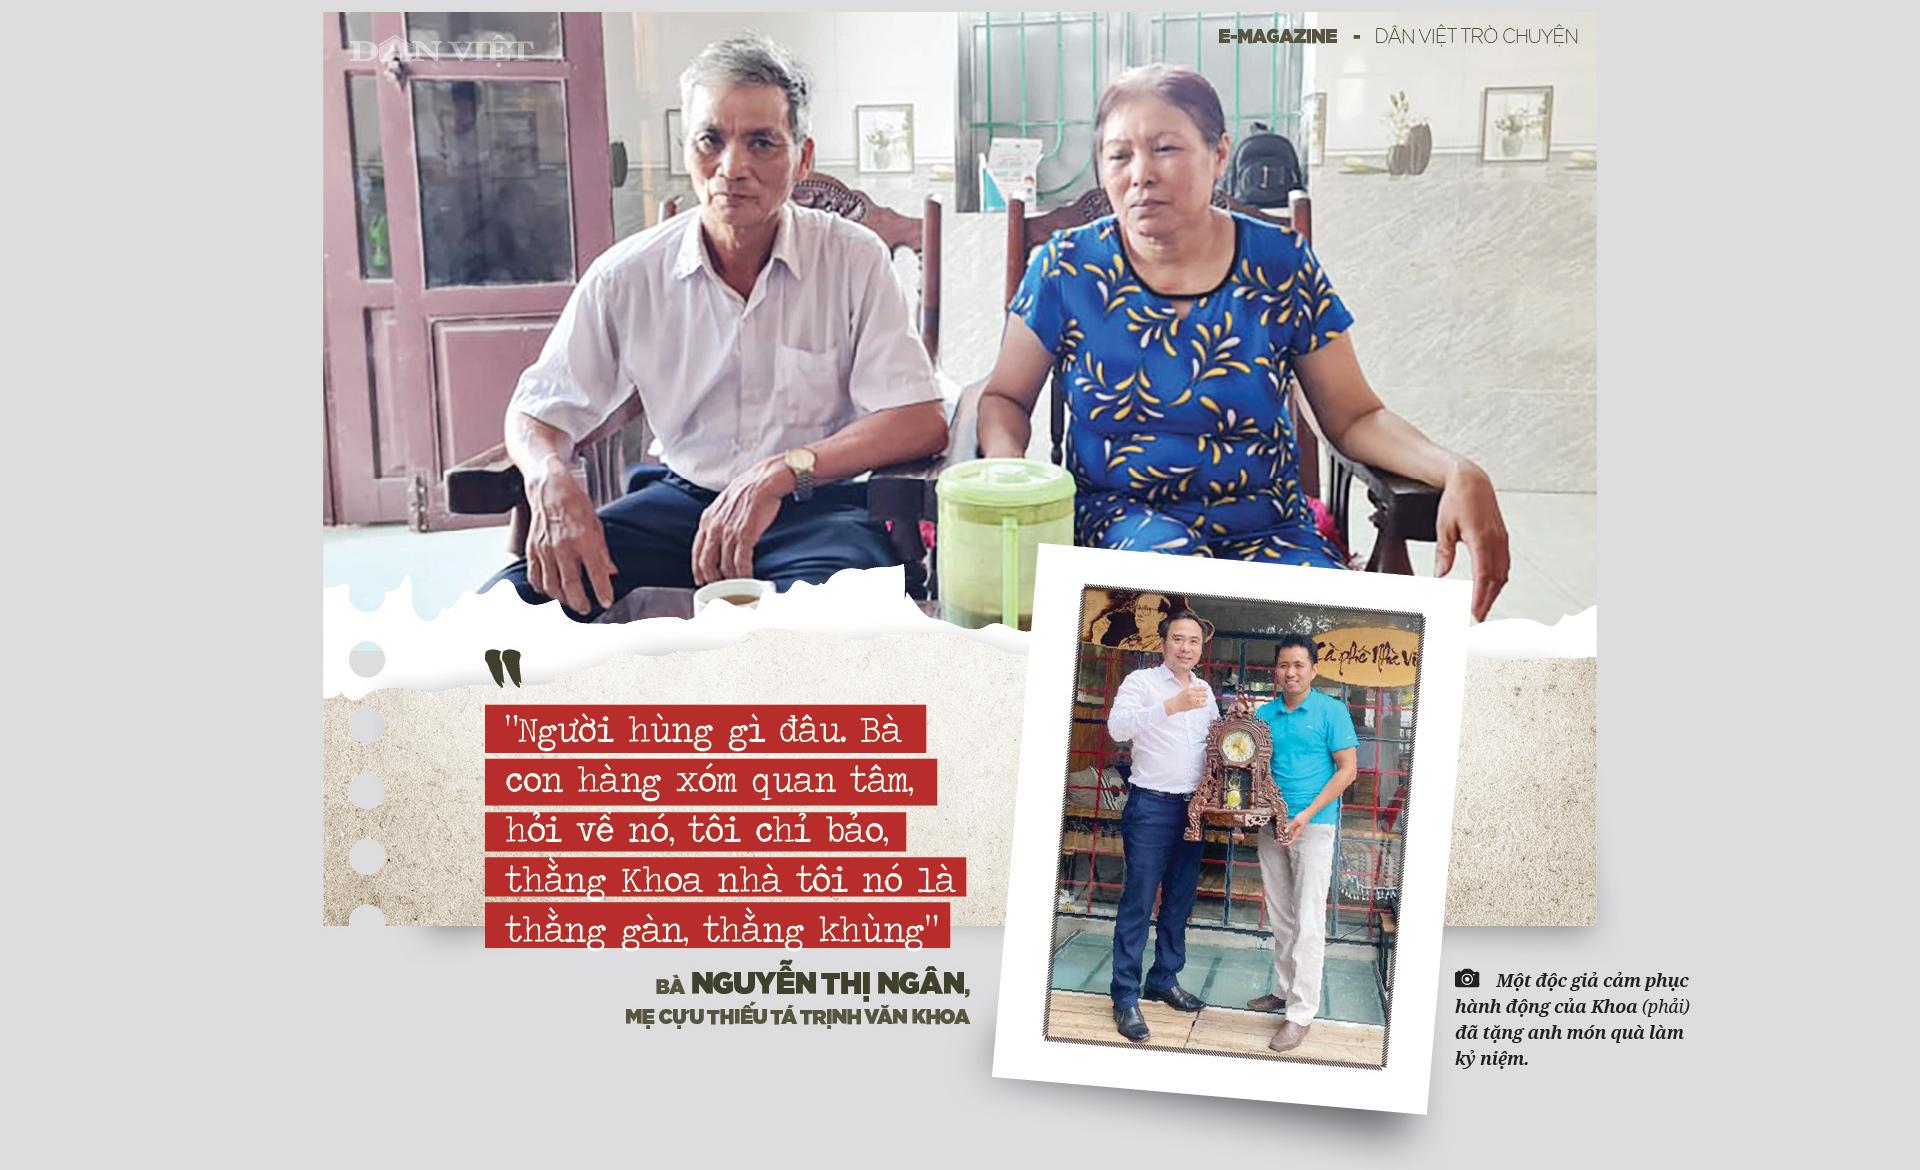 """Bố mẹ cựu thiếu tá công an Trịnh Văn Khoa: """"Gia đình tôi tiếc và lo lắm, nhưng rất tự hào về Khoa"""" - Ảnh 8."""